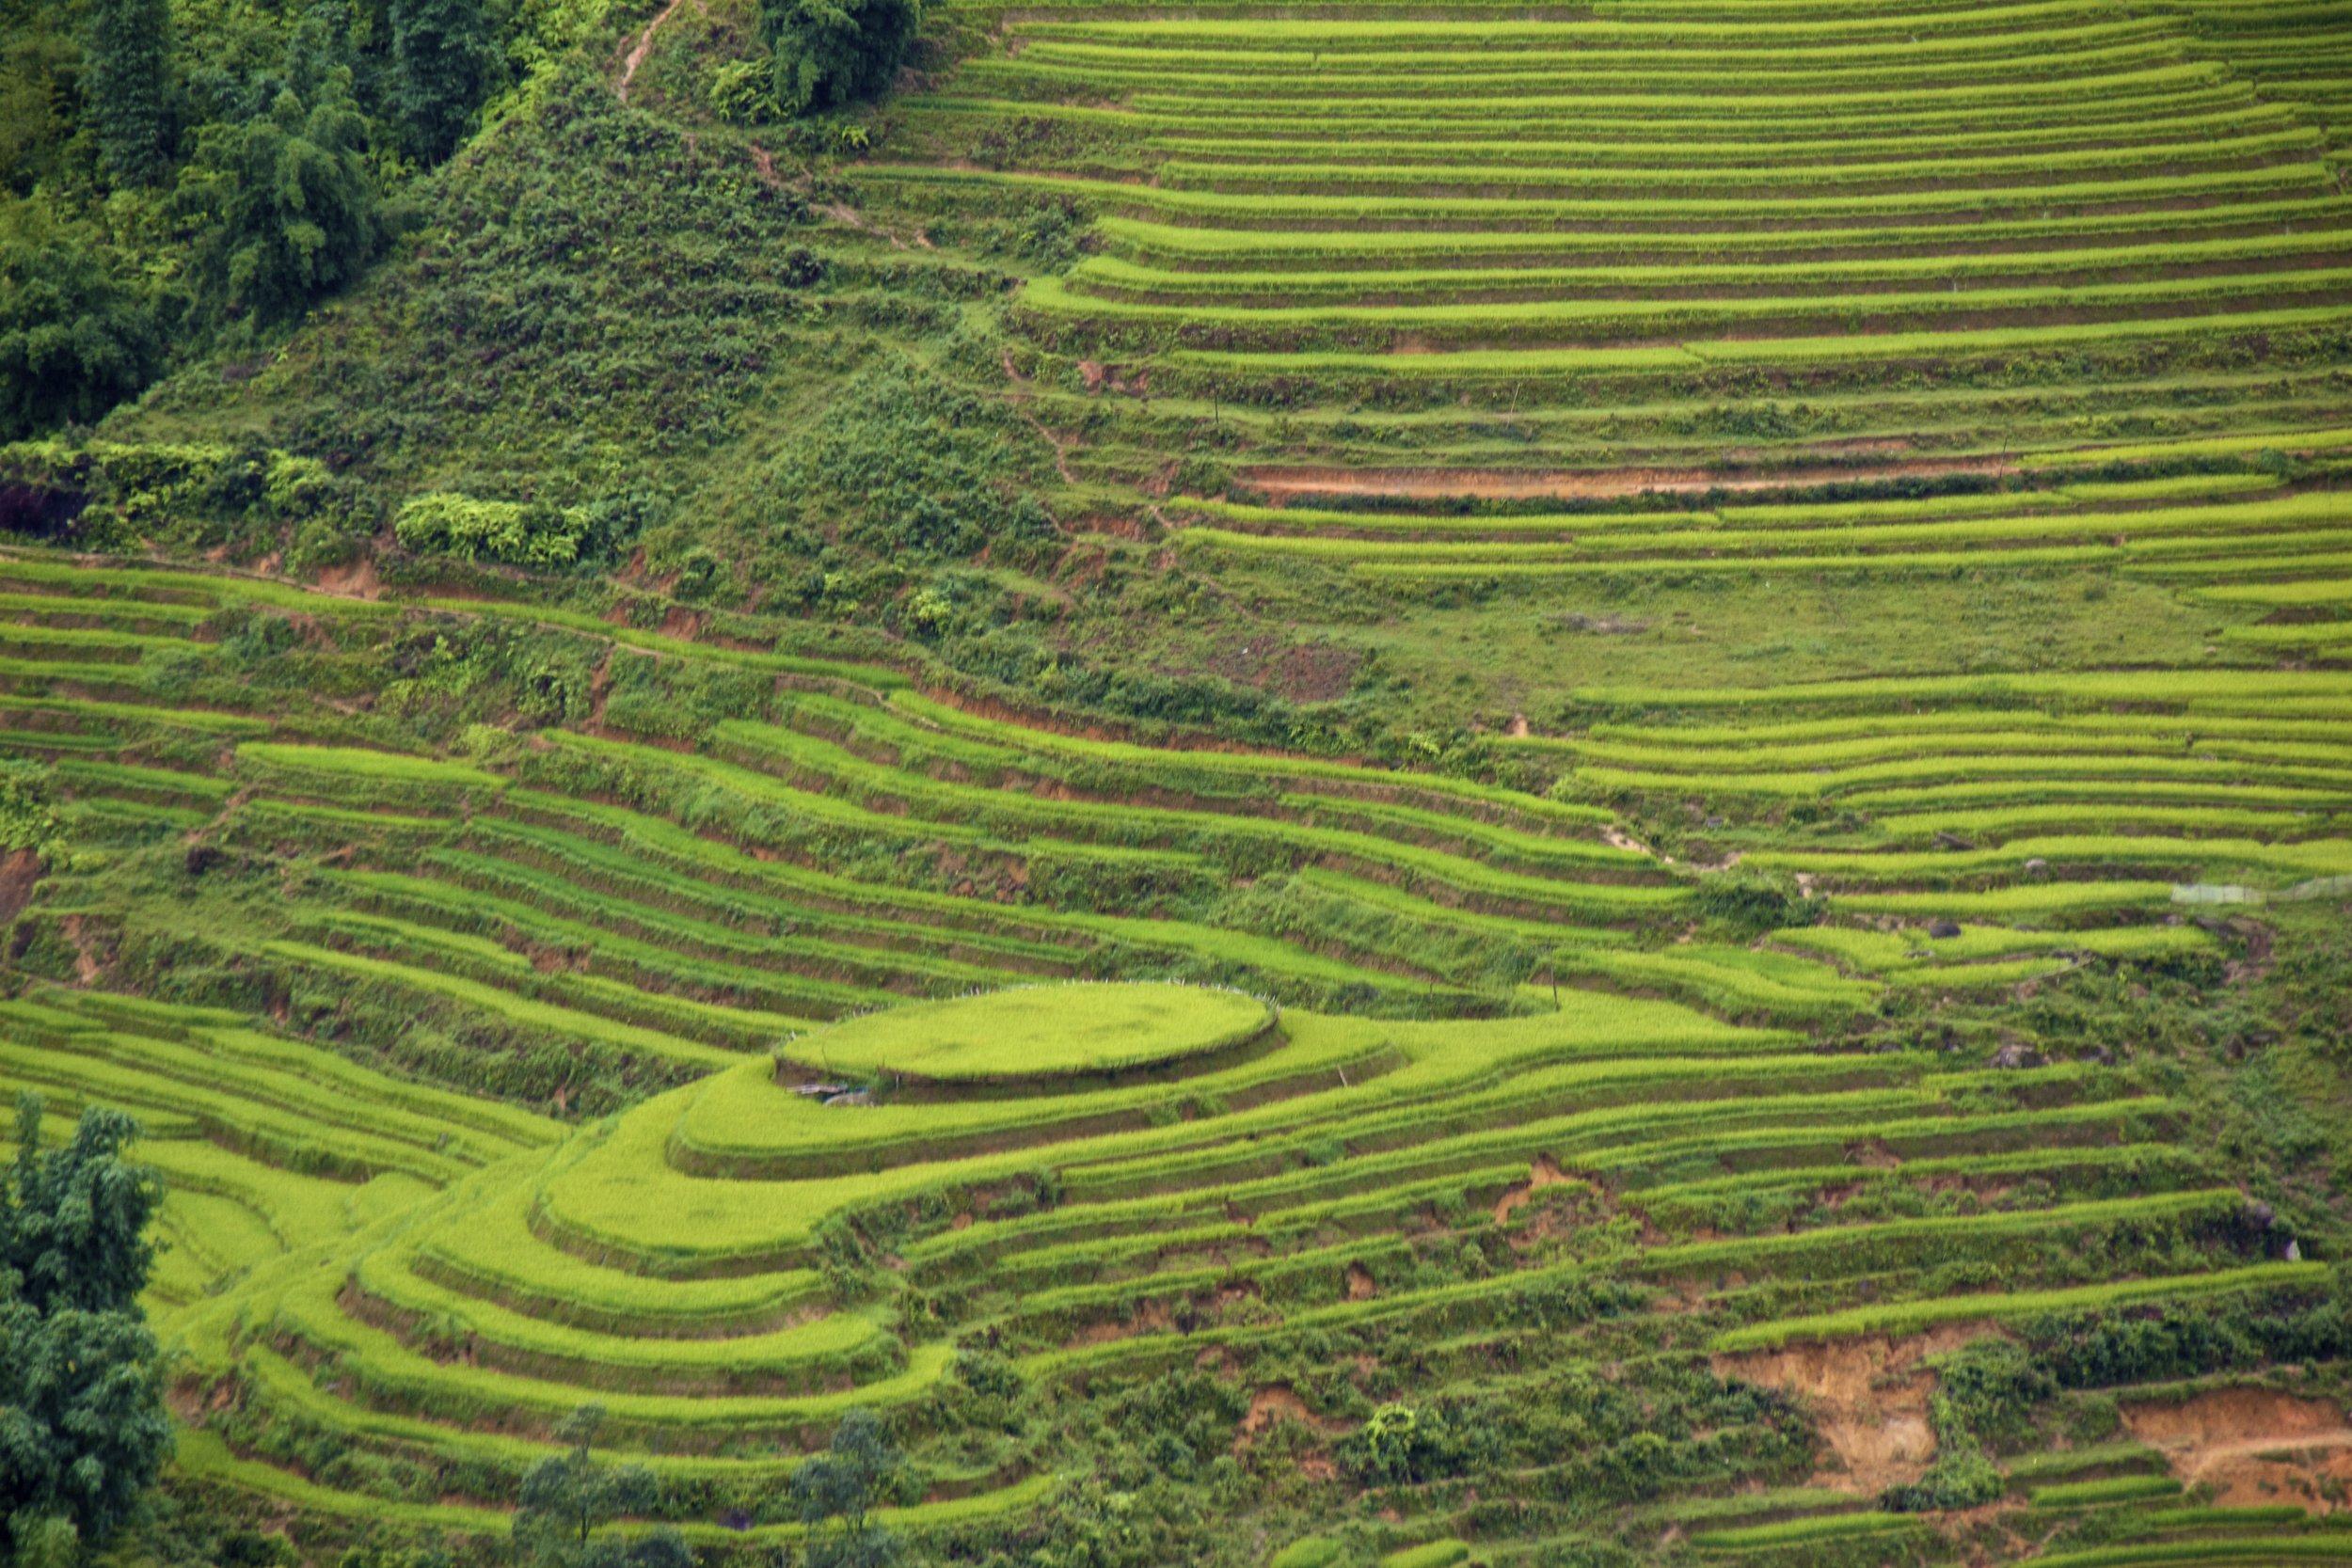 sa pa lao cai vietnam rice paddies 26.jpg